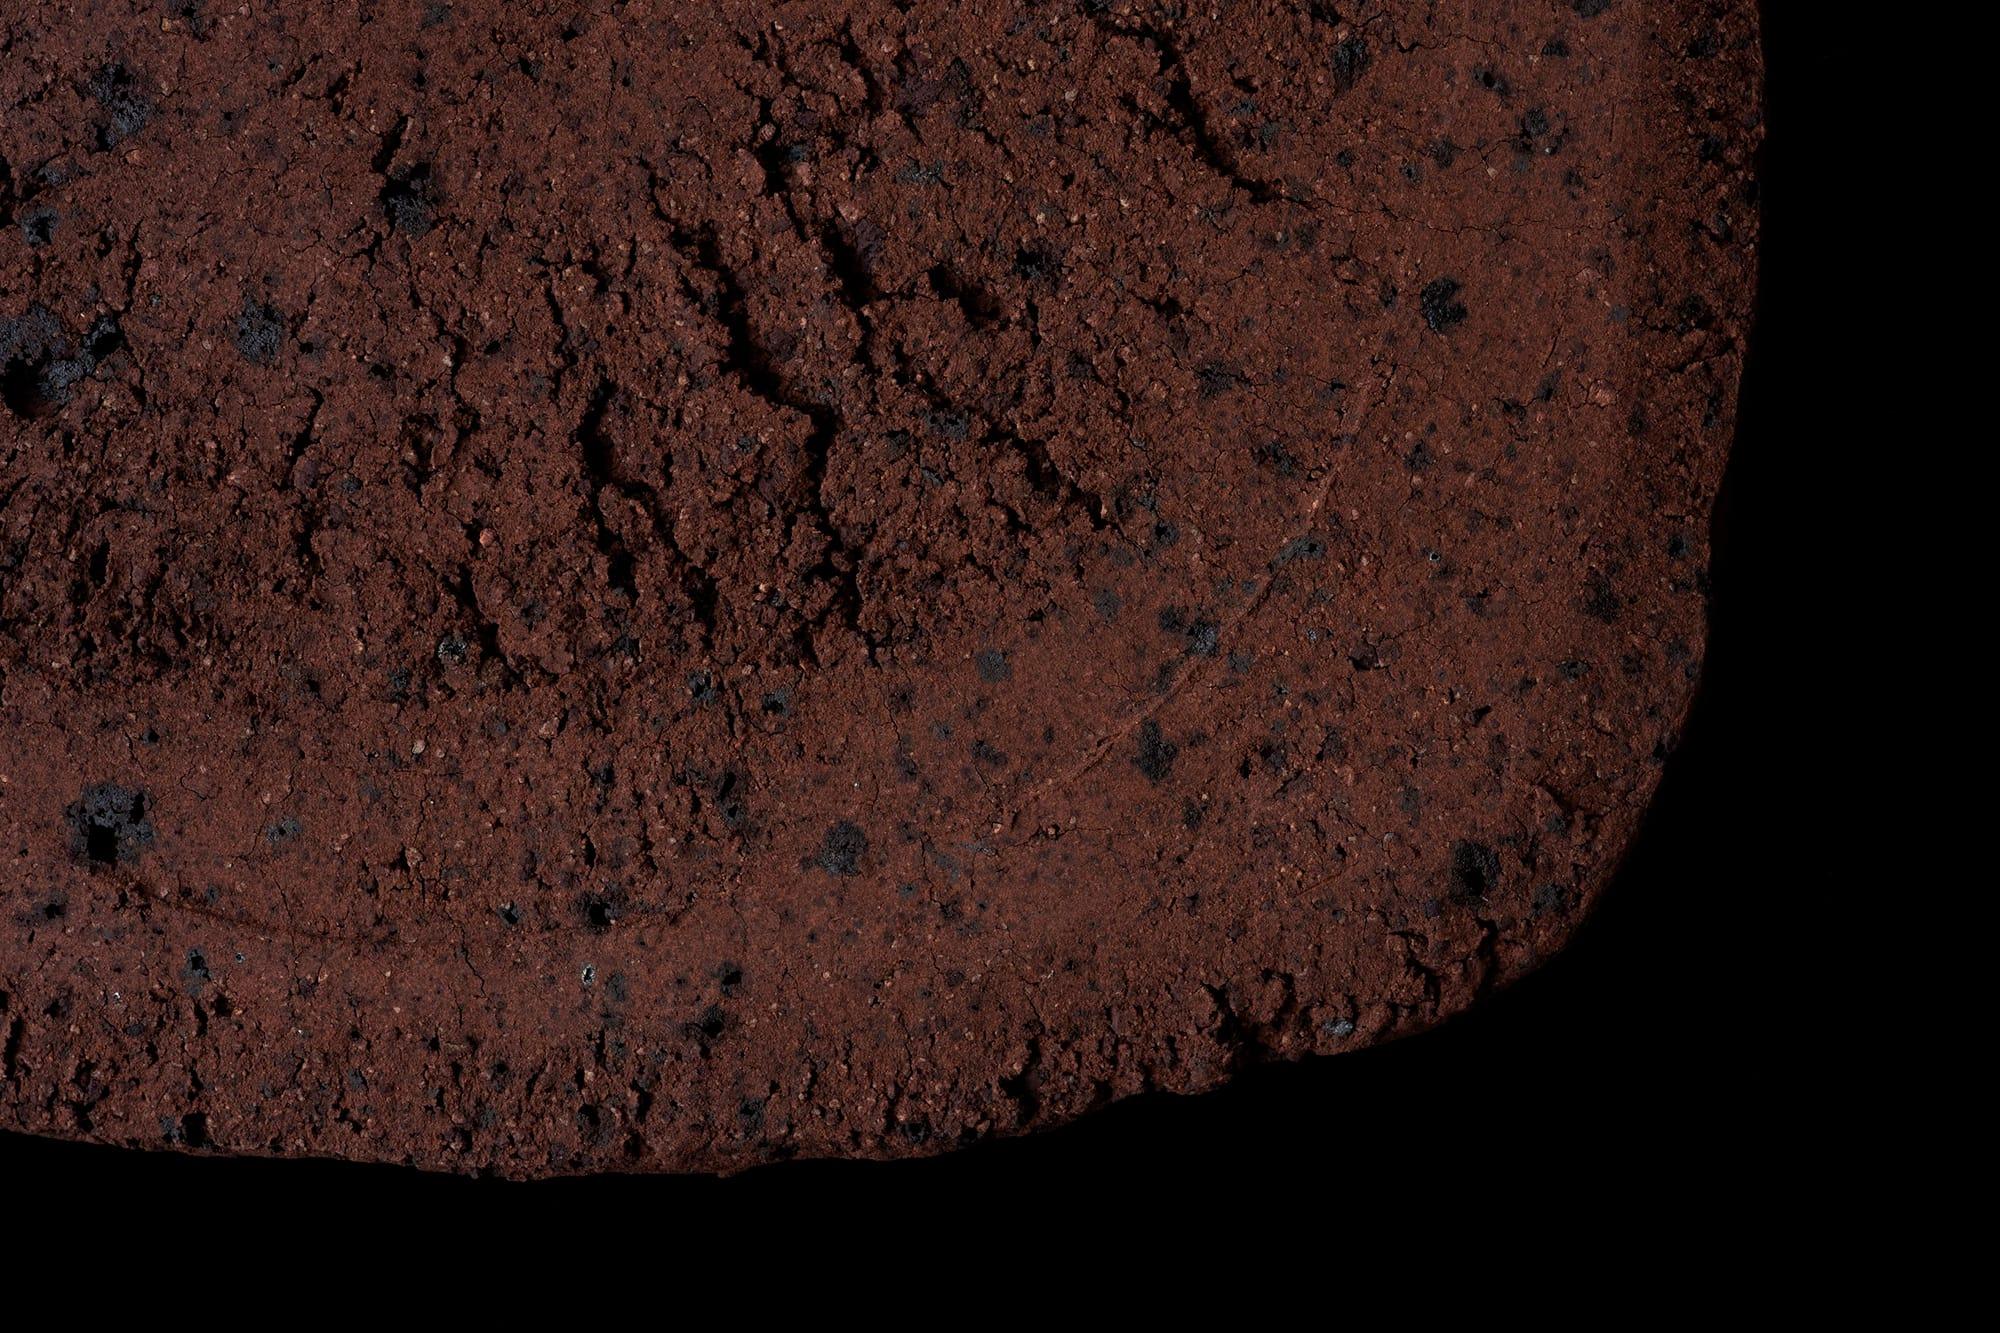 石がそのまま風化した土は、荒く亀裂を帯び2000万年の時を刻む。大蔵山寂土陶板。2019年制作。ギャラリー册にて展示。 Photography by Ikeda Yuichi